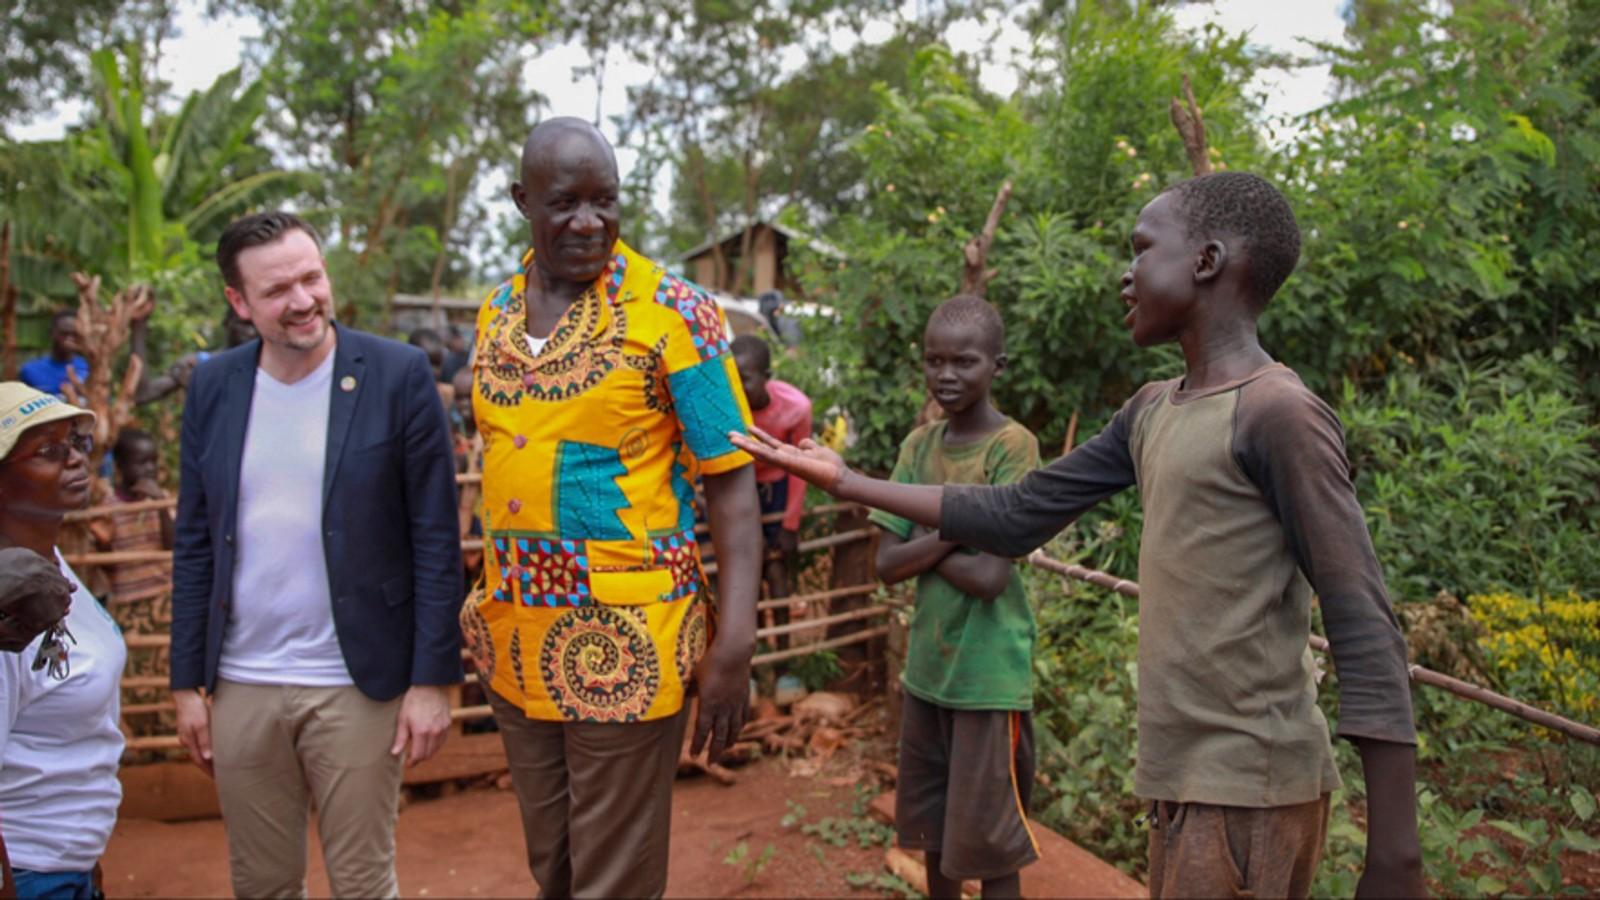 Utviklingsminister Dag-Inge Ulstein besøker flyktningleiren Kiryandongo i Uganda. Flere av de som har kommet til leiren har vært utsatt for seksuell tortur.  FOTO: GJERMUND ØYSTESE / UD (bilde hentet fra artikkel)